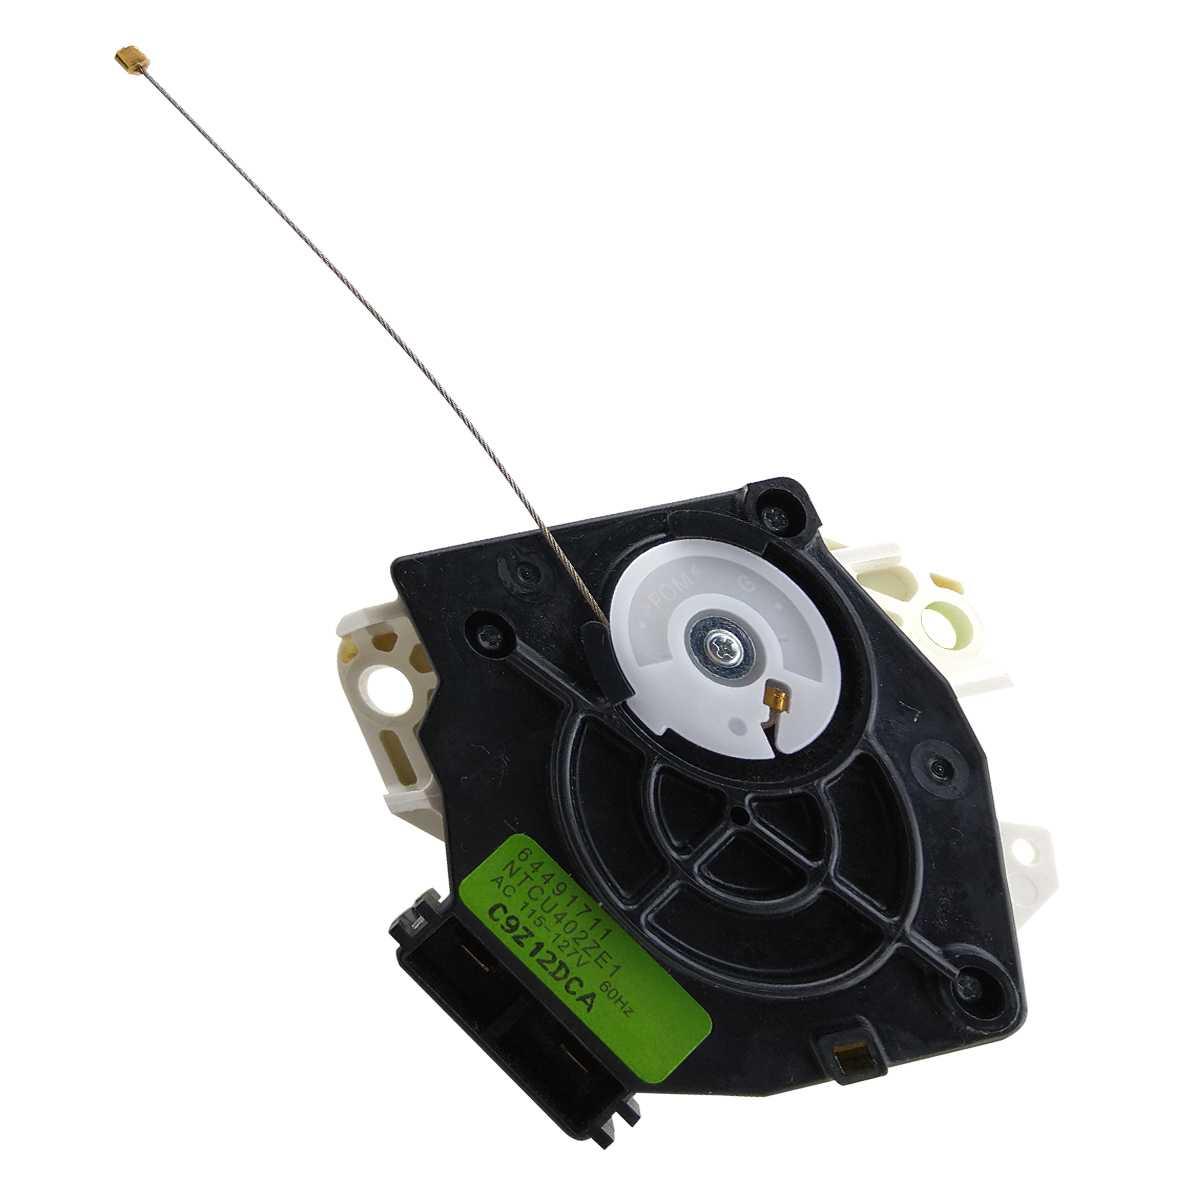 Atuador de freio da lavadora Electrolux Sankyo 127V